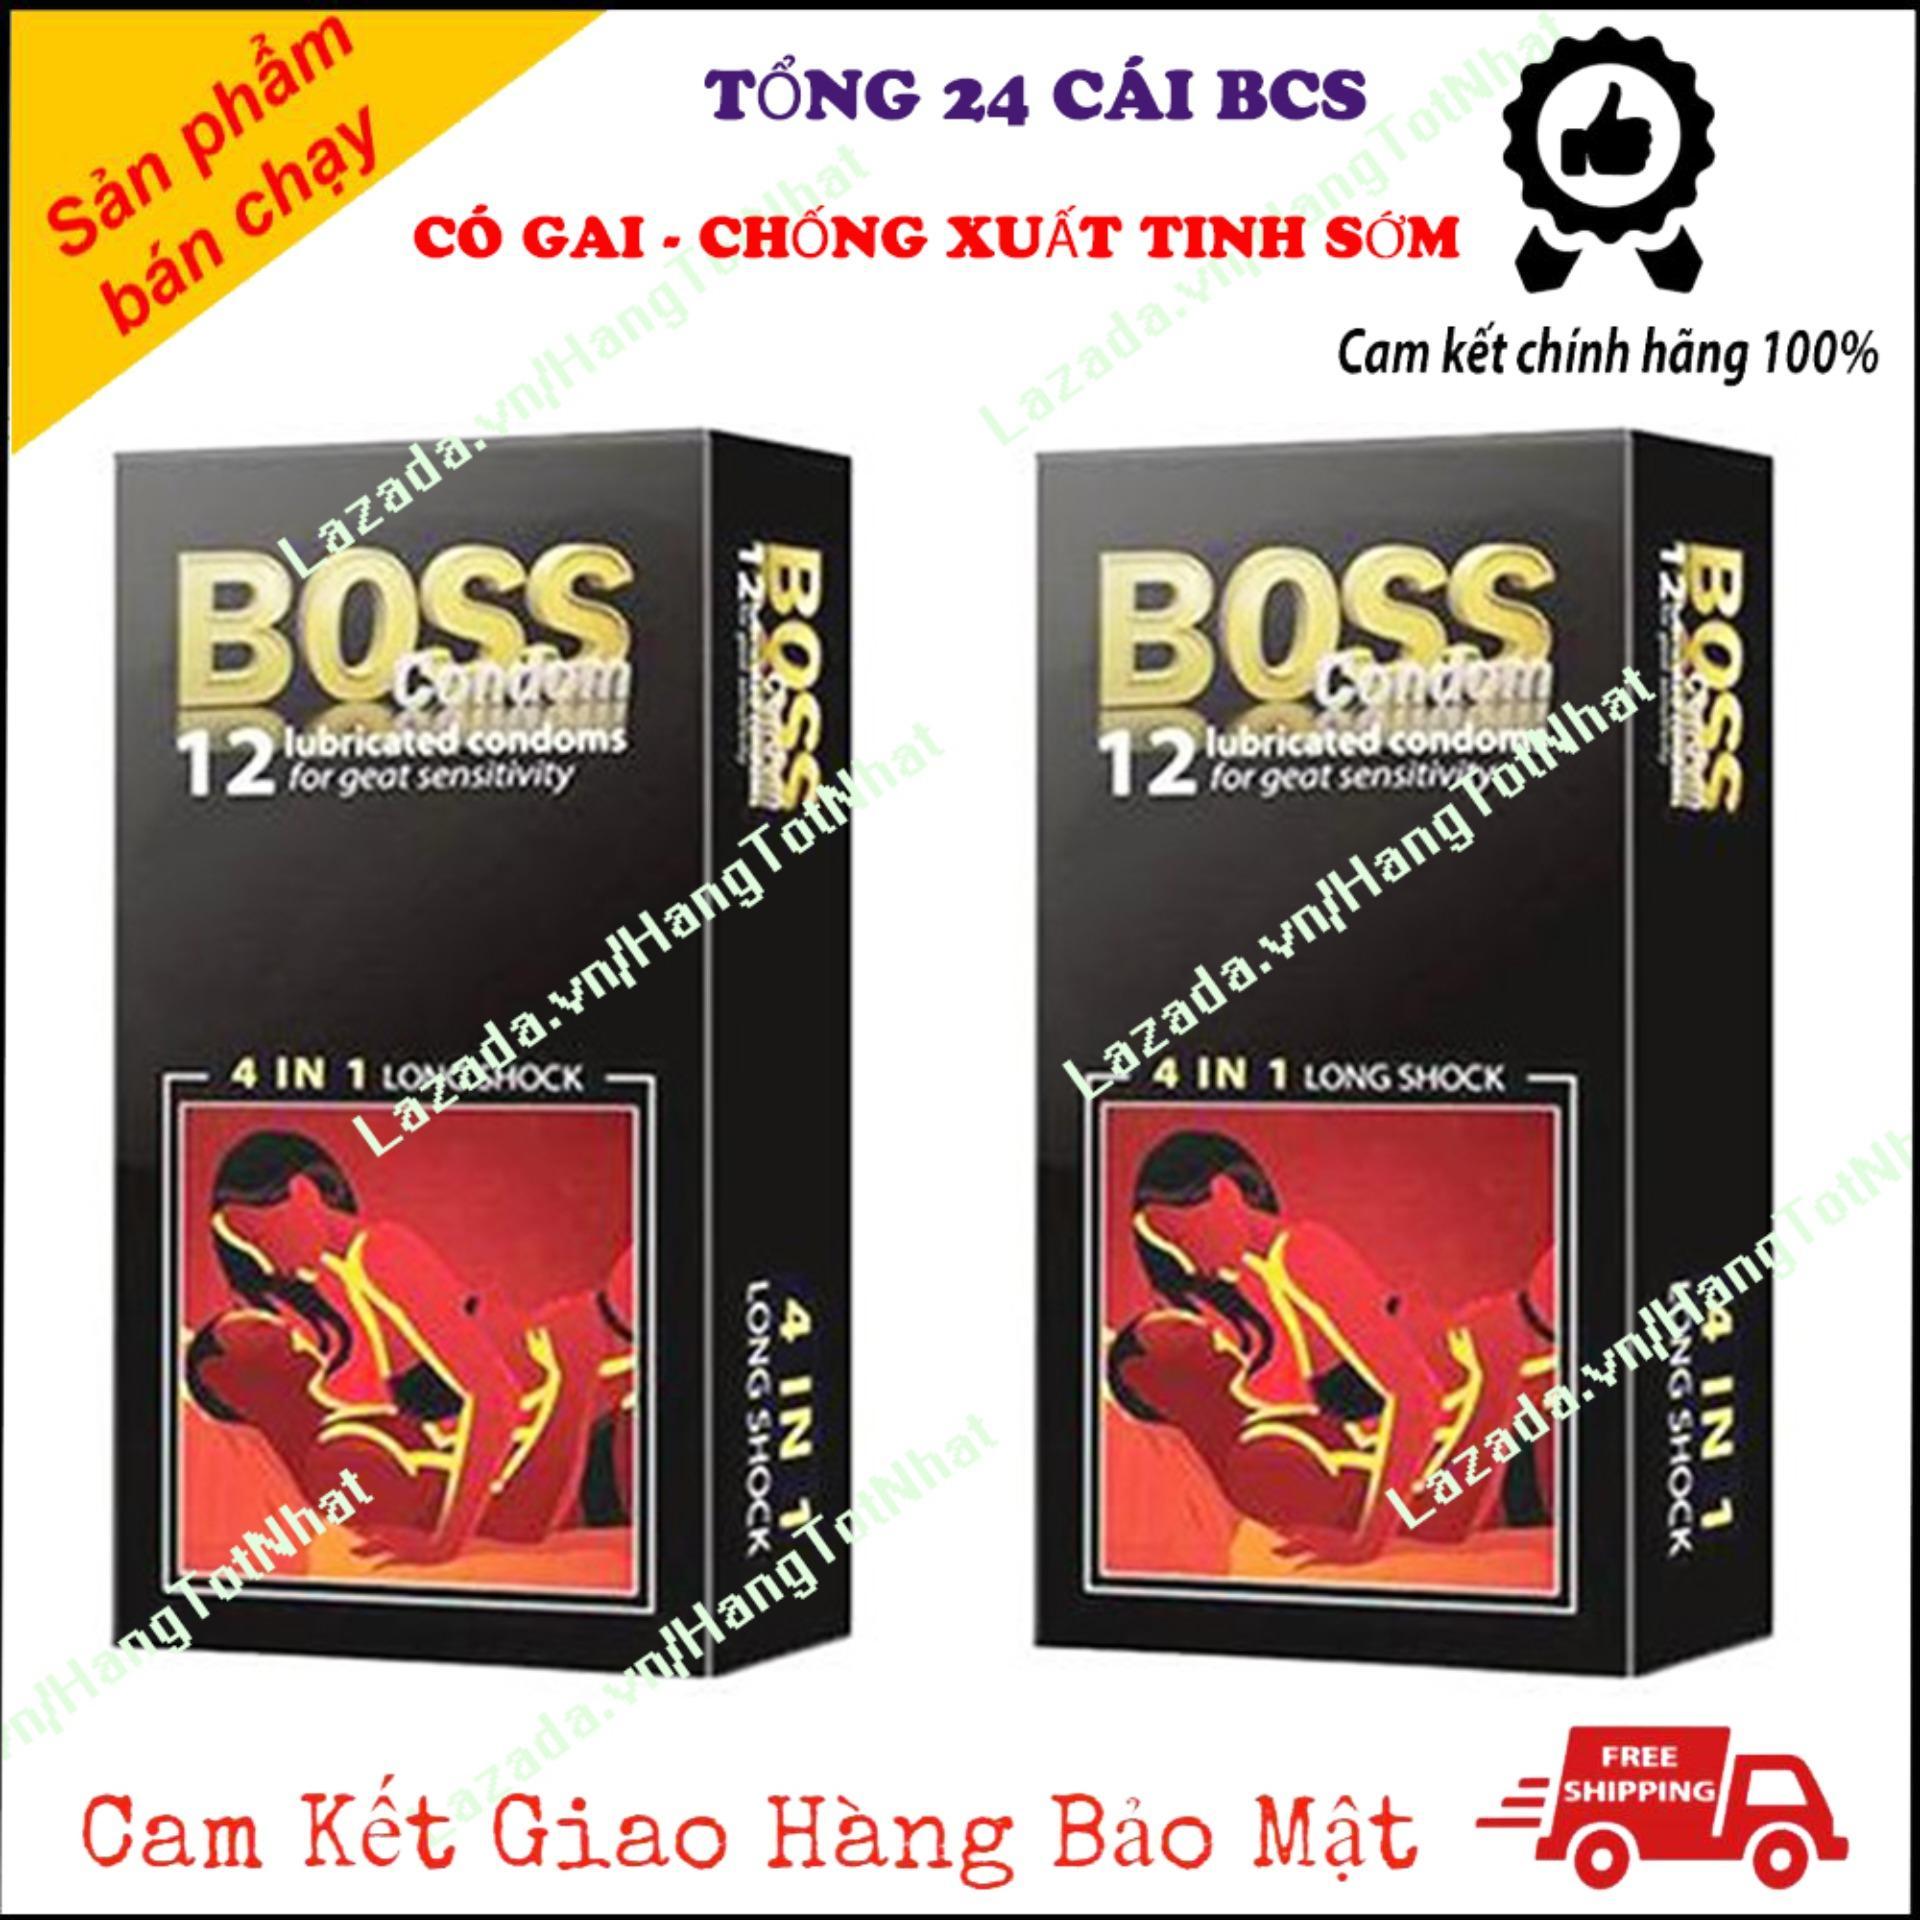 ComBo 2 Hộp Boss 4in1 kéo dài thời gian hộp 12 cái Tổng 24 Cái